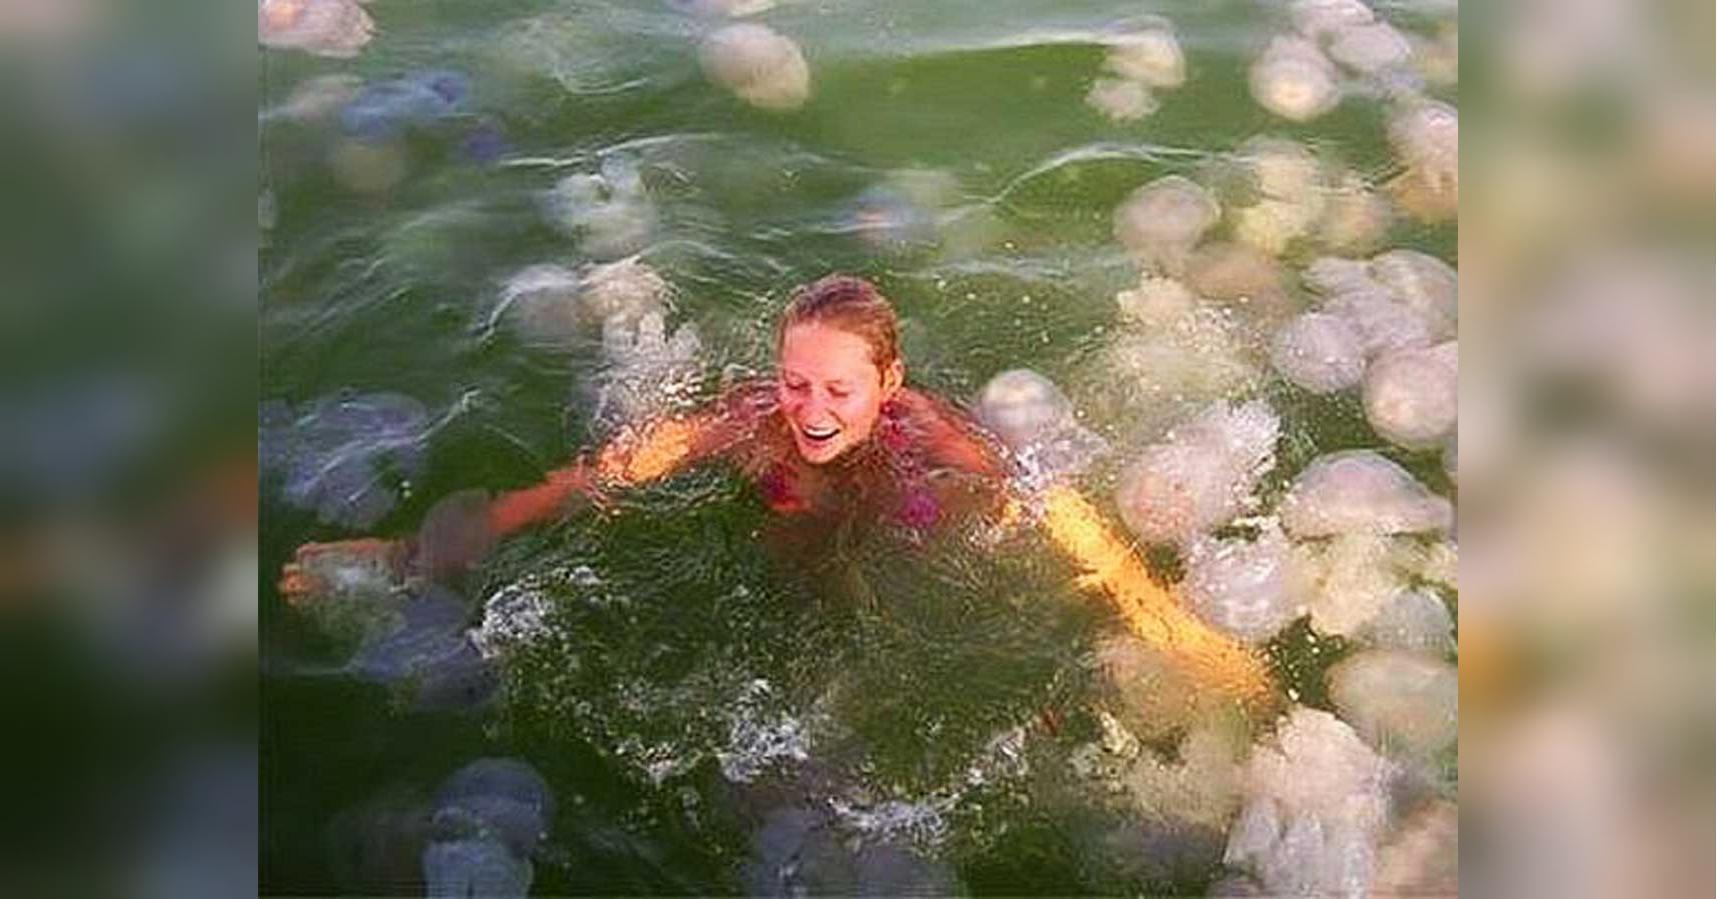 Курорт на Азовском море атаковали медузы: у отдыхающих ожоги. Фото и видео